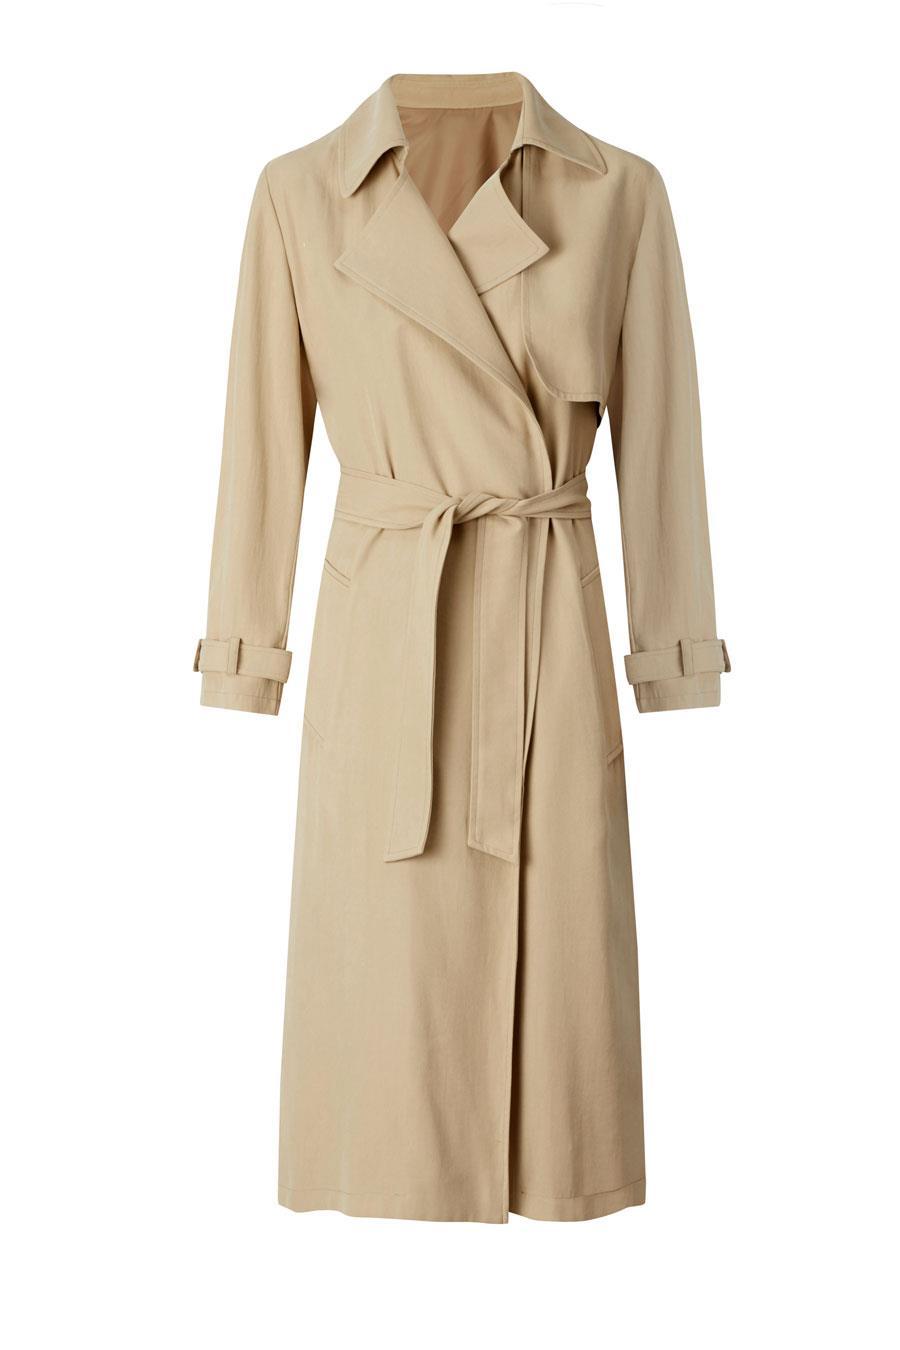 mejor servicio 626d0 ae326 Mango ropa: vestidos, chaquetas, tops, pantalones de moda ...